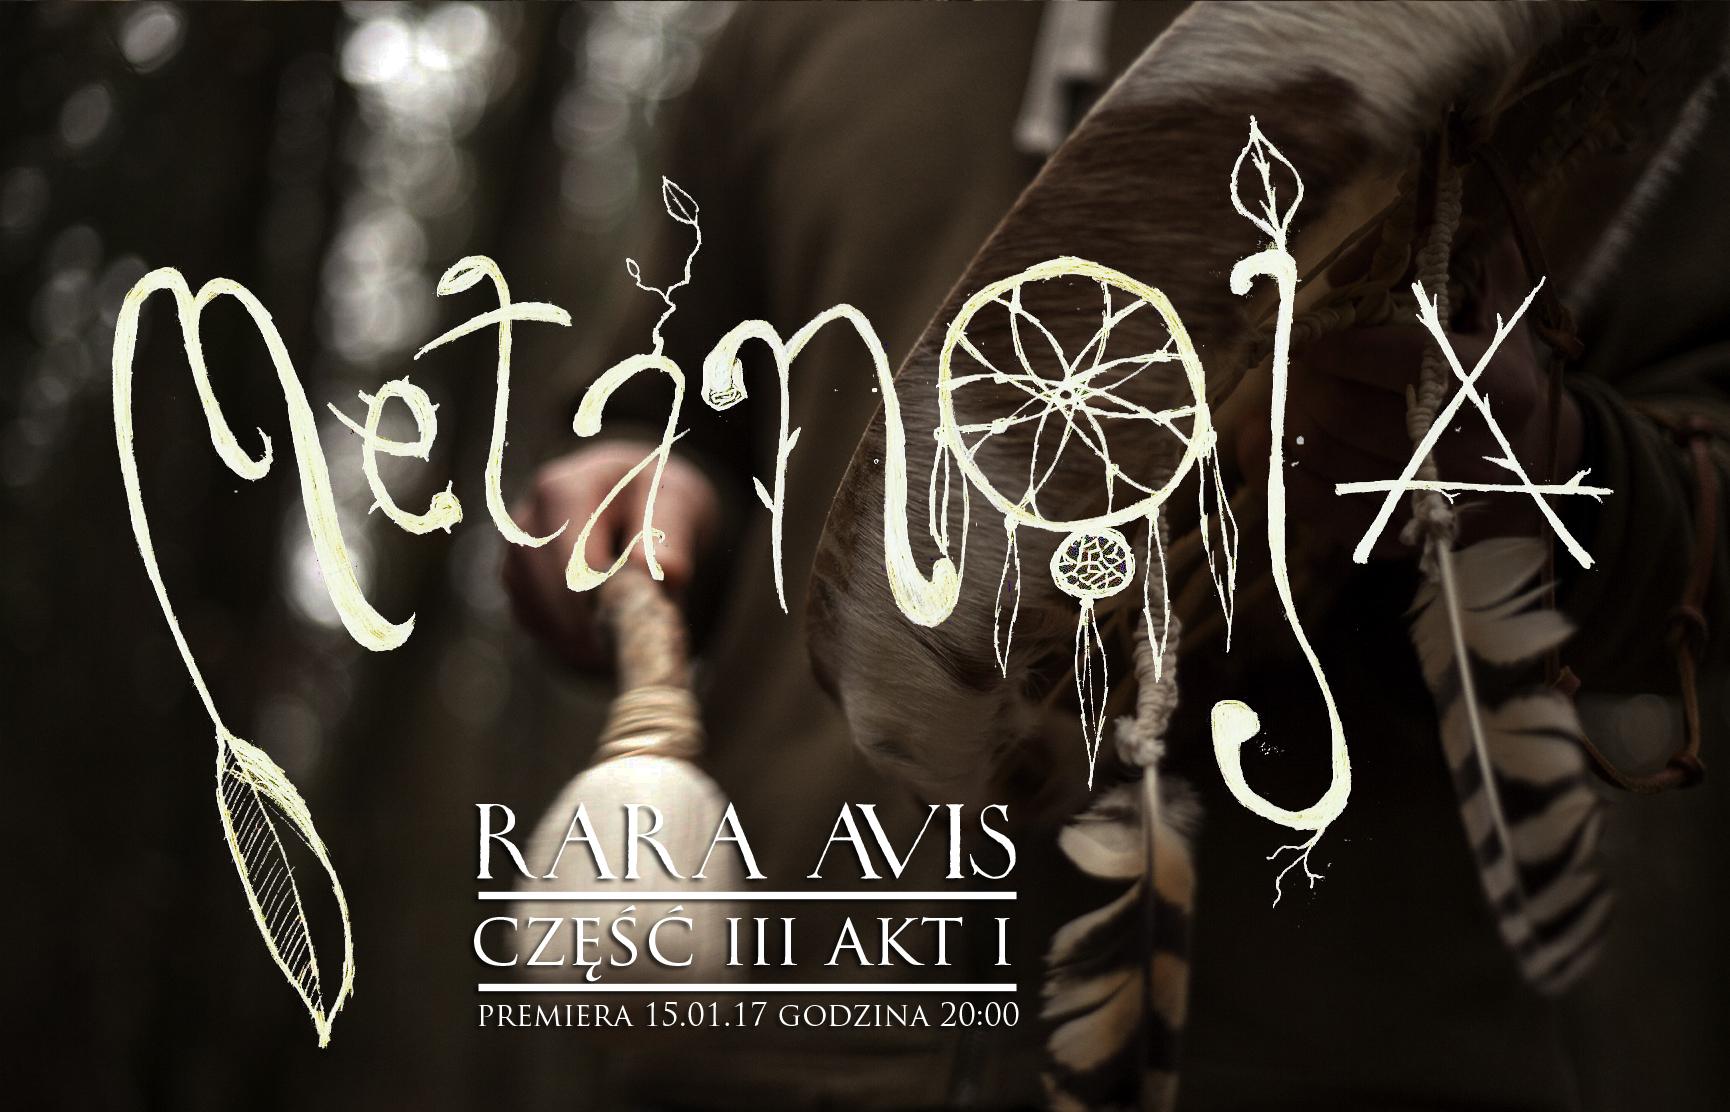 Metanoja – Rara Avis część III akt I – internetowa premiera wideo